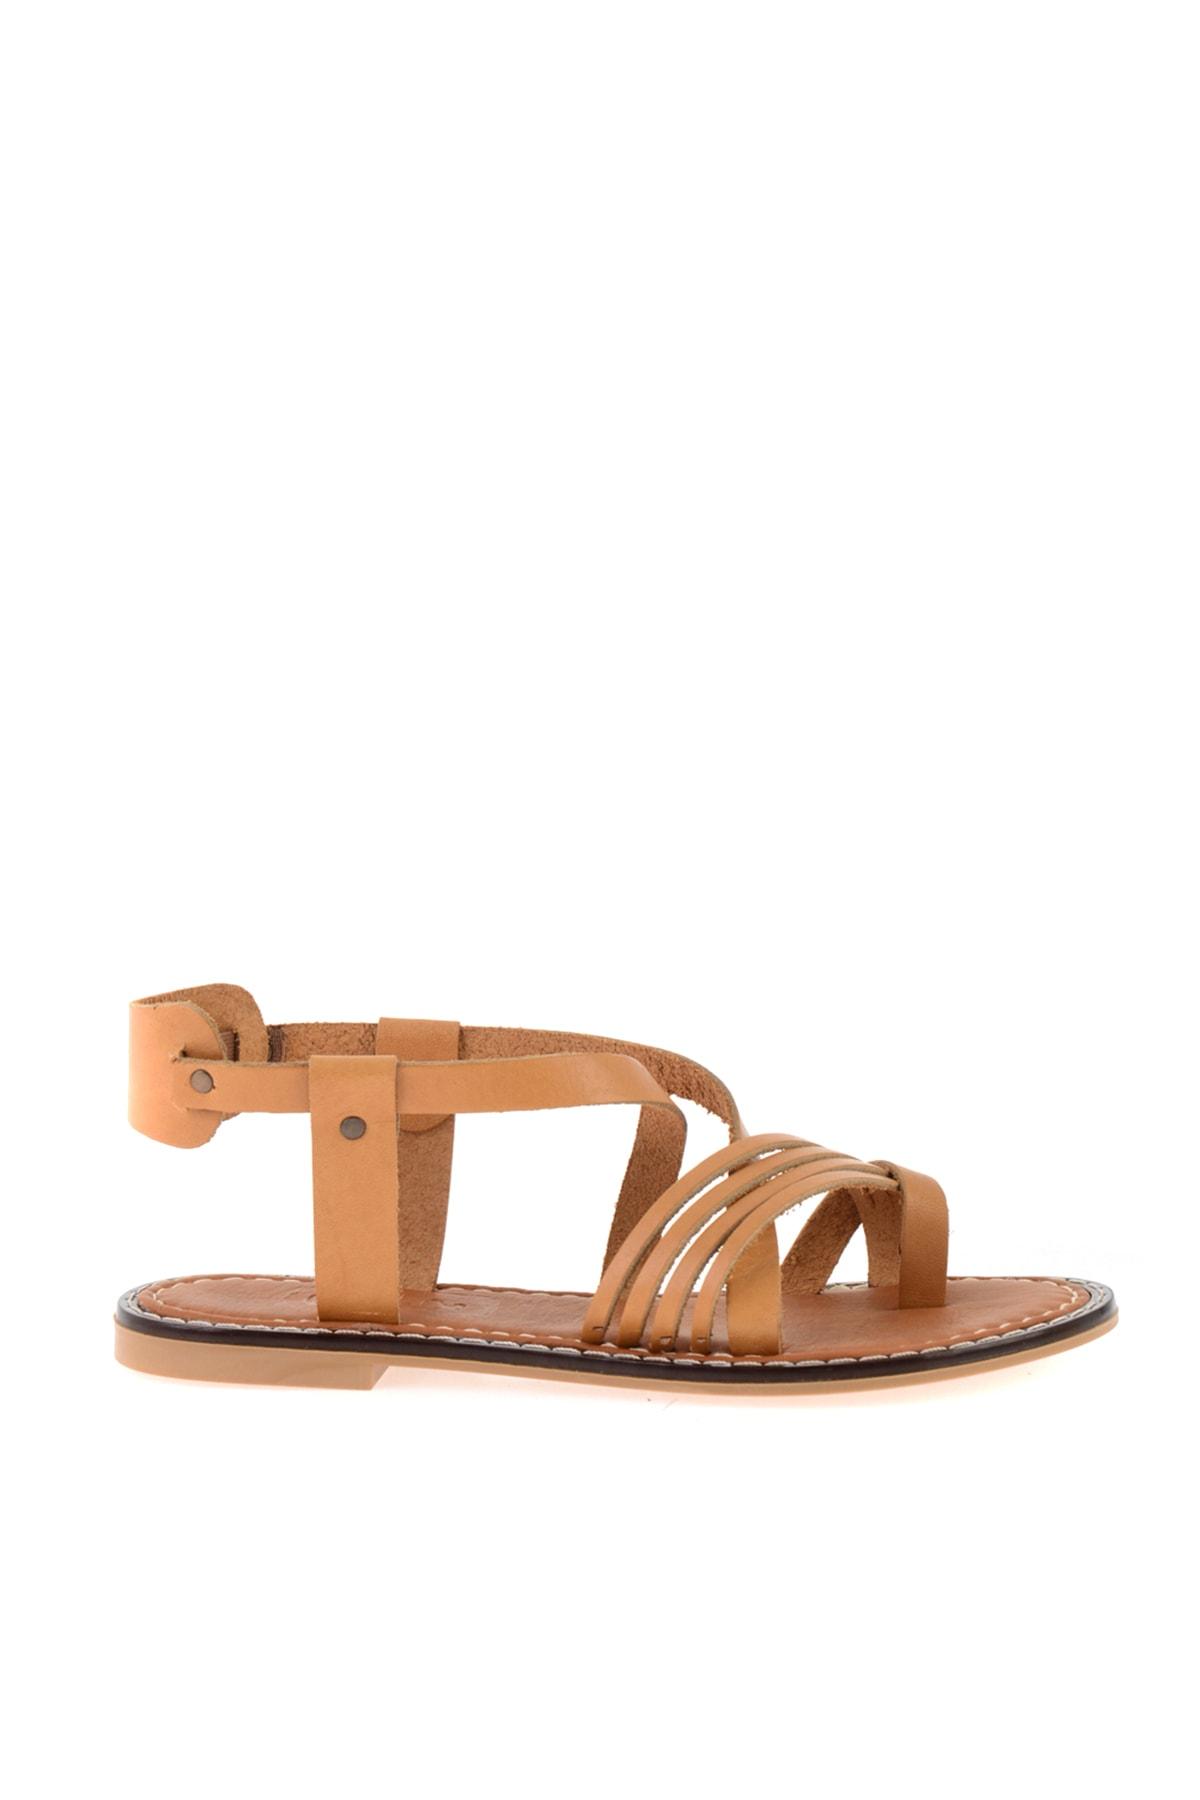 Bambi Taba Kadın Sandalet L0602808503 2